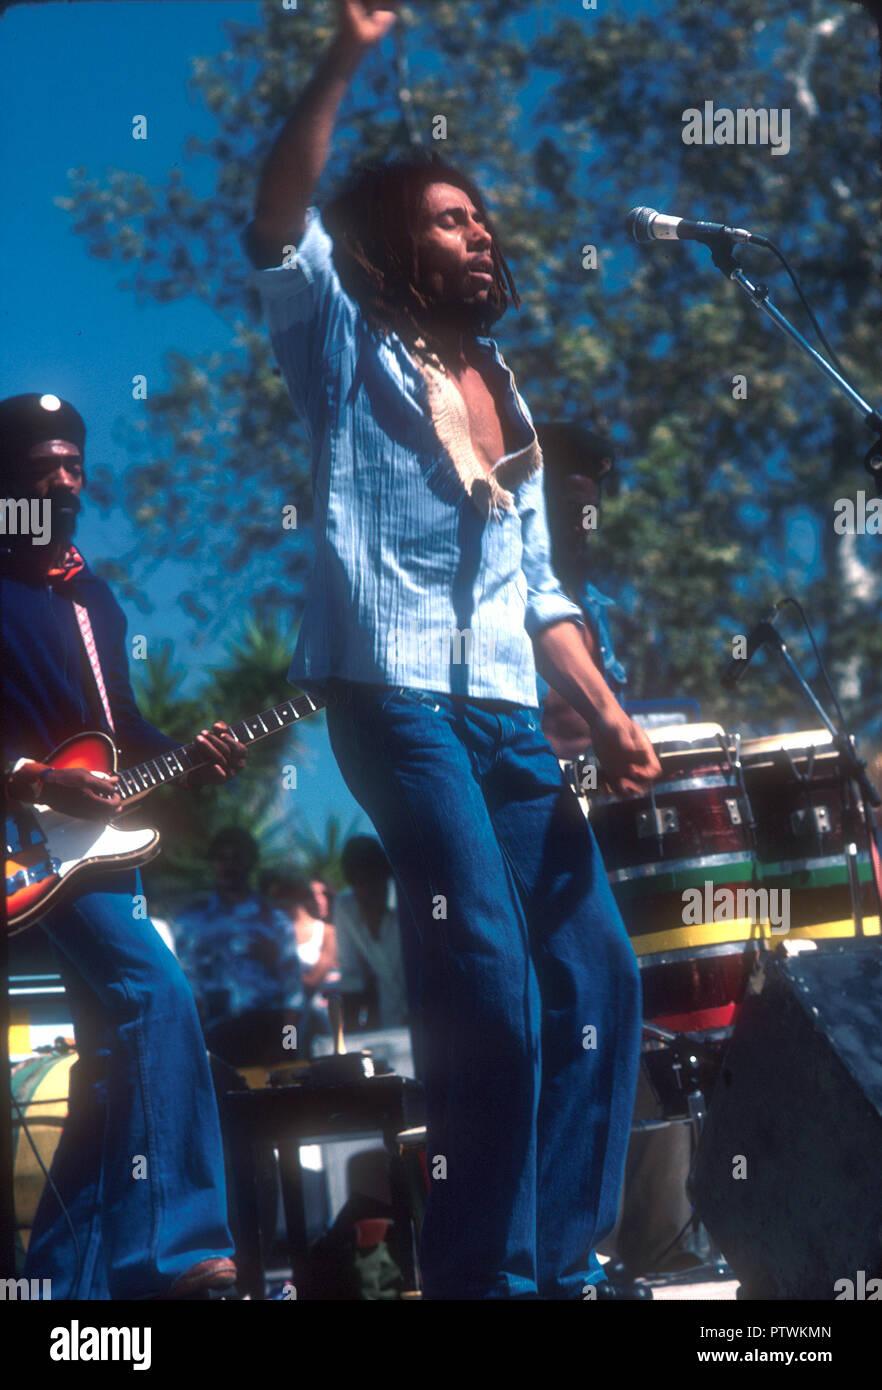 BOB MARLEY AND THE WAILERS in 1976 at the Santa Barbara County Bowl, California. Photo: Jeffrey Mayer - Stock Image